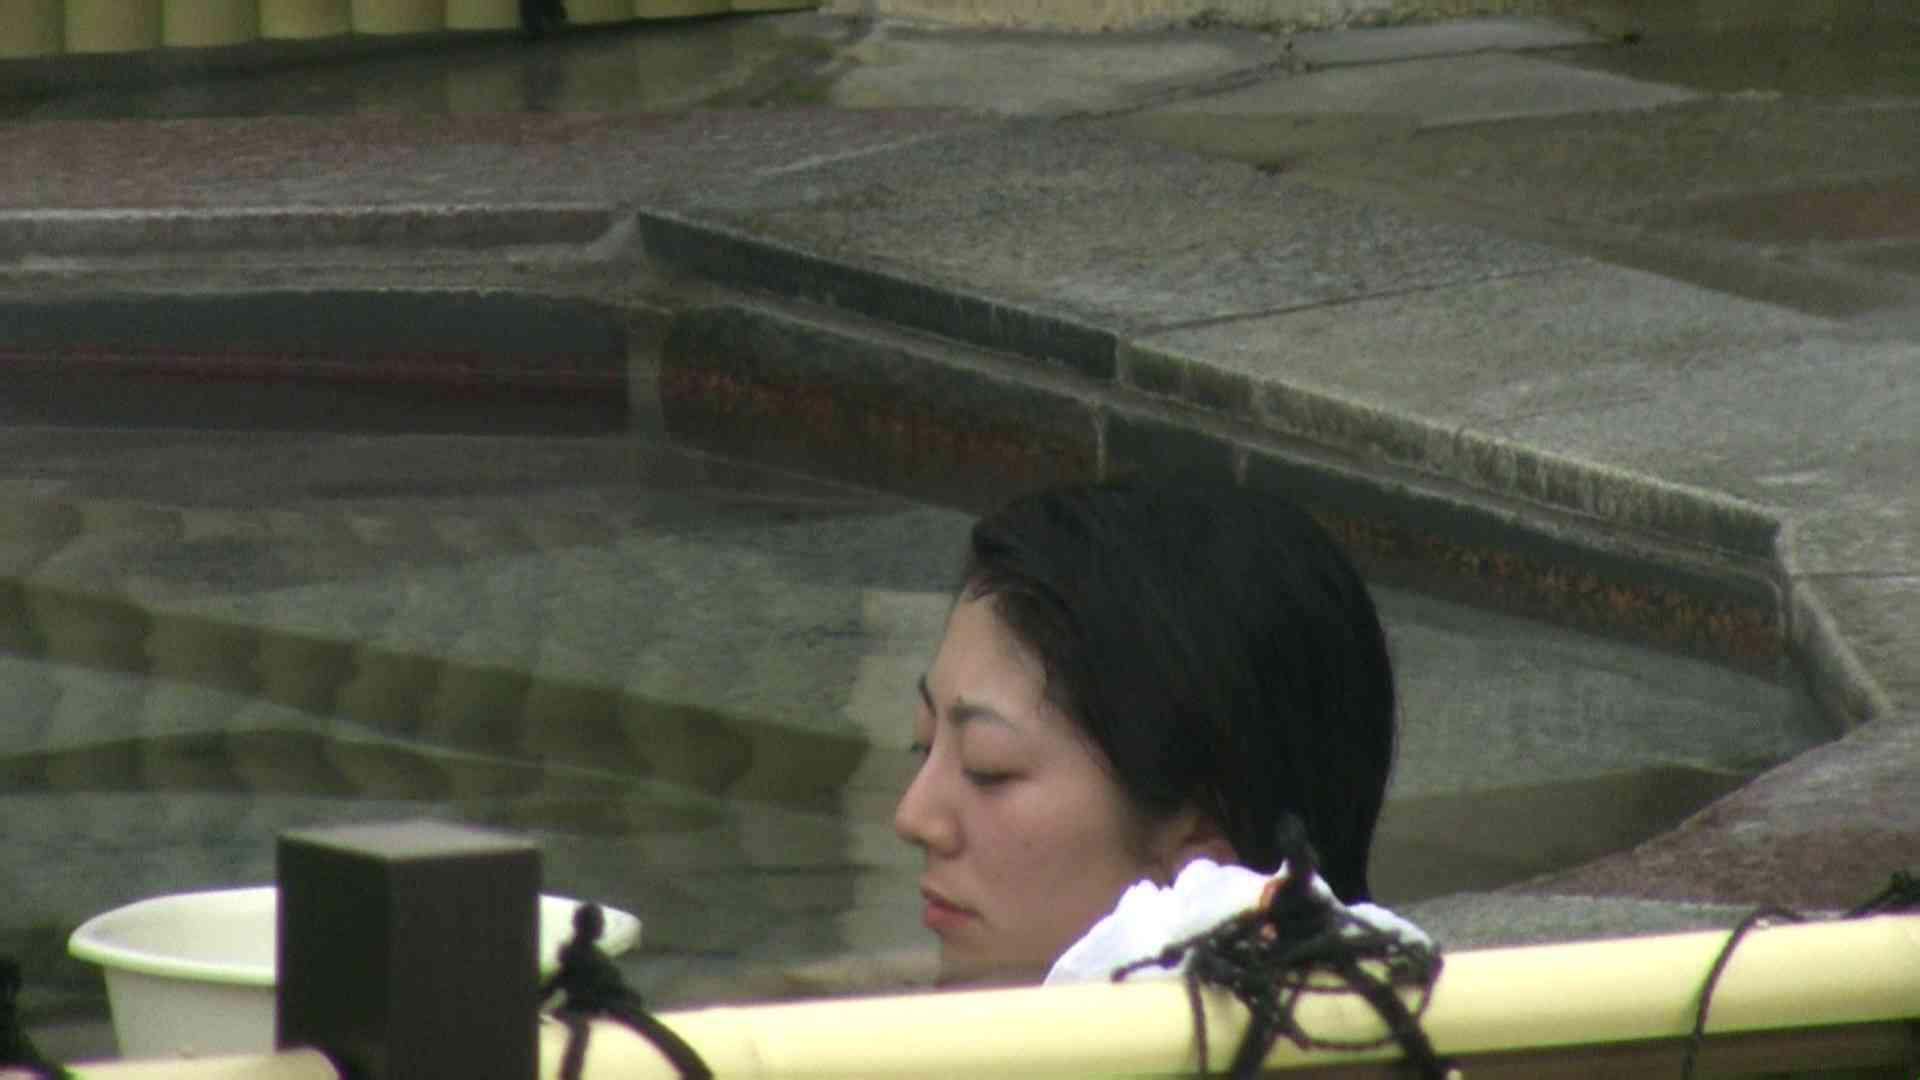 Aquaな露天風呂Vol.04 OLのエロ生活   盗撮  32連発 28